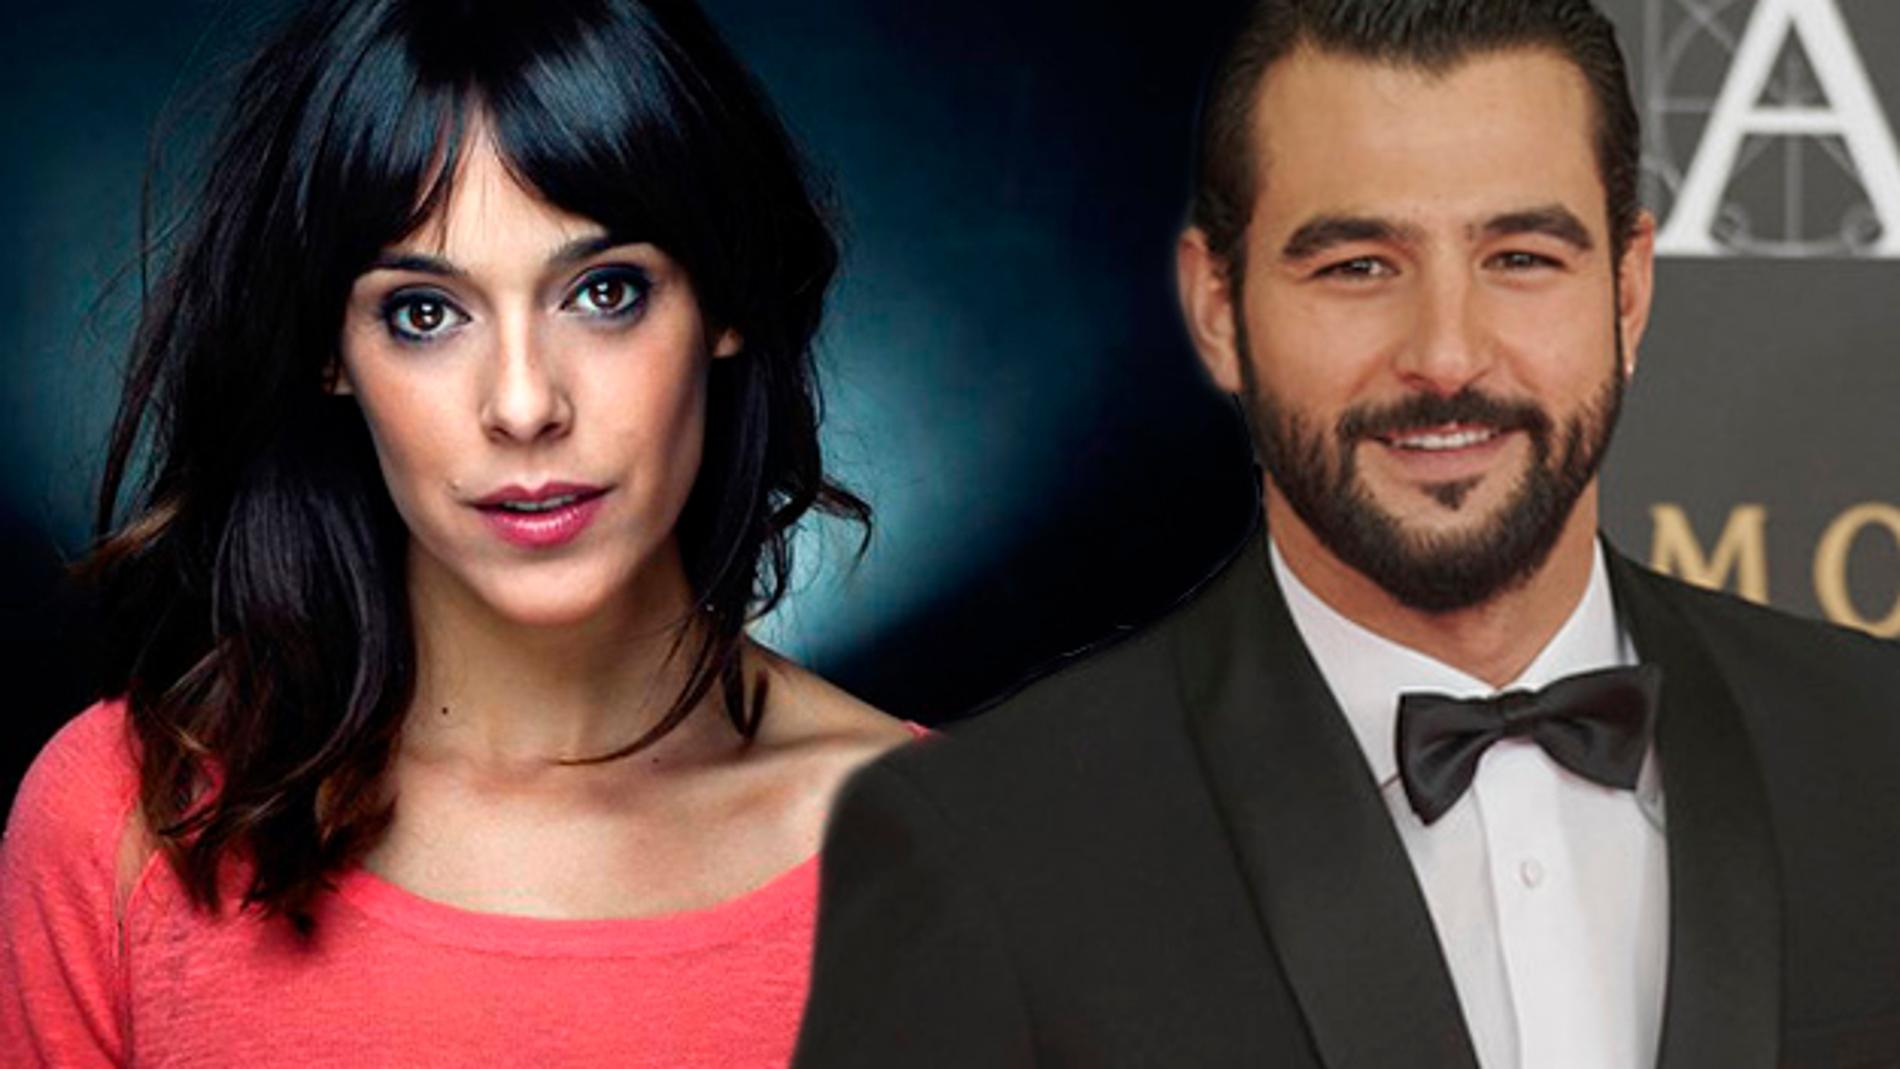 Belén Cuesta y Antonio Velázquez serán los protagonistas de la serie basada en 'Perdiendo el norte'